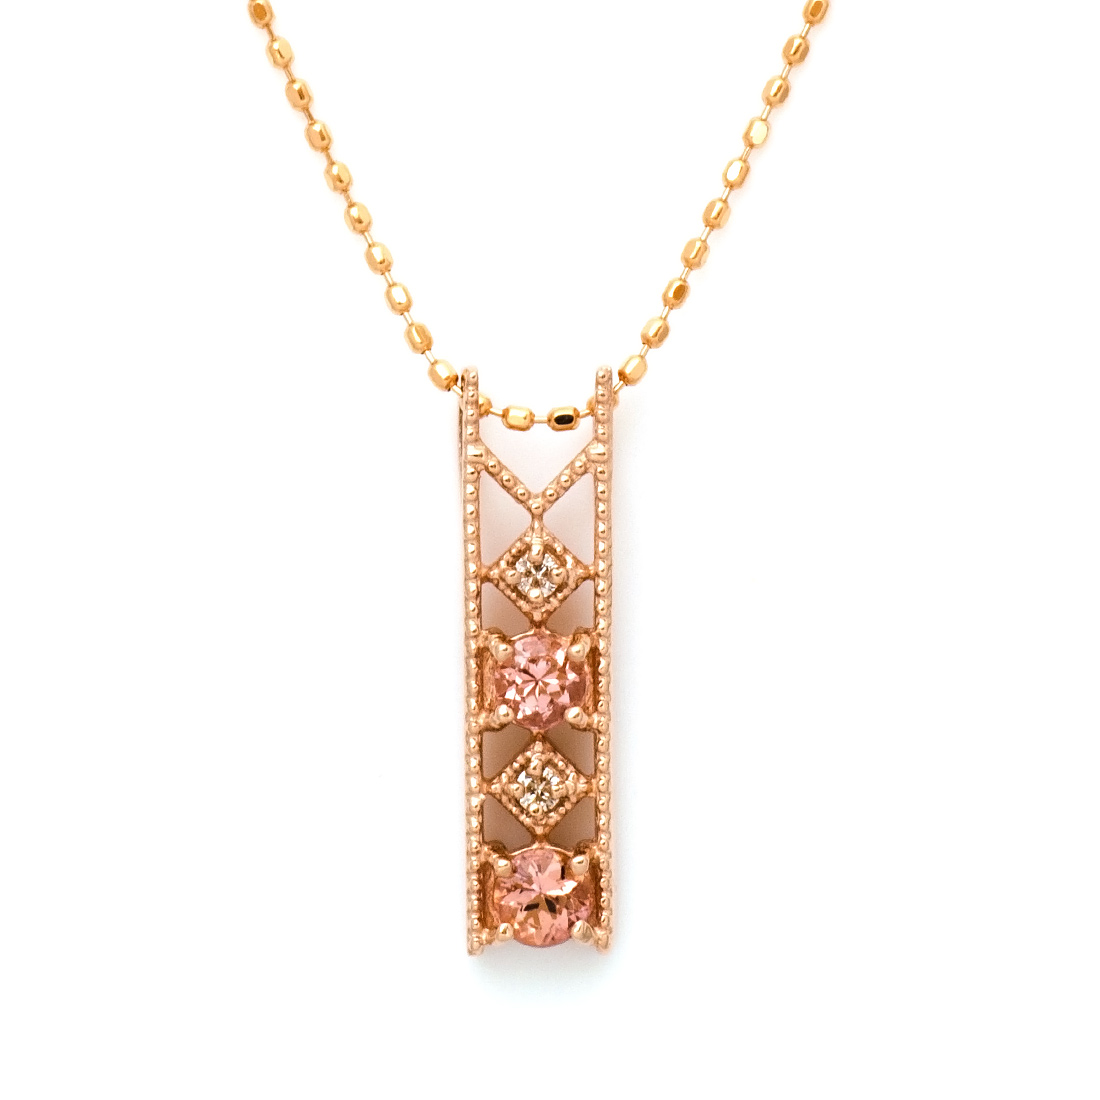 【GWクーポン配布中】K18 シャンパンガーネット ダイヤモンド ペンダントトップ 「blonda」ネックレス 送料無料 18K 18金 ゴールド ダイアモンド ミル打ち 誕生日 1月誕生石 記念日 メッセージ ギフト 贈り物